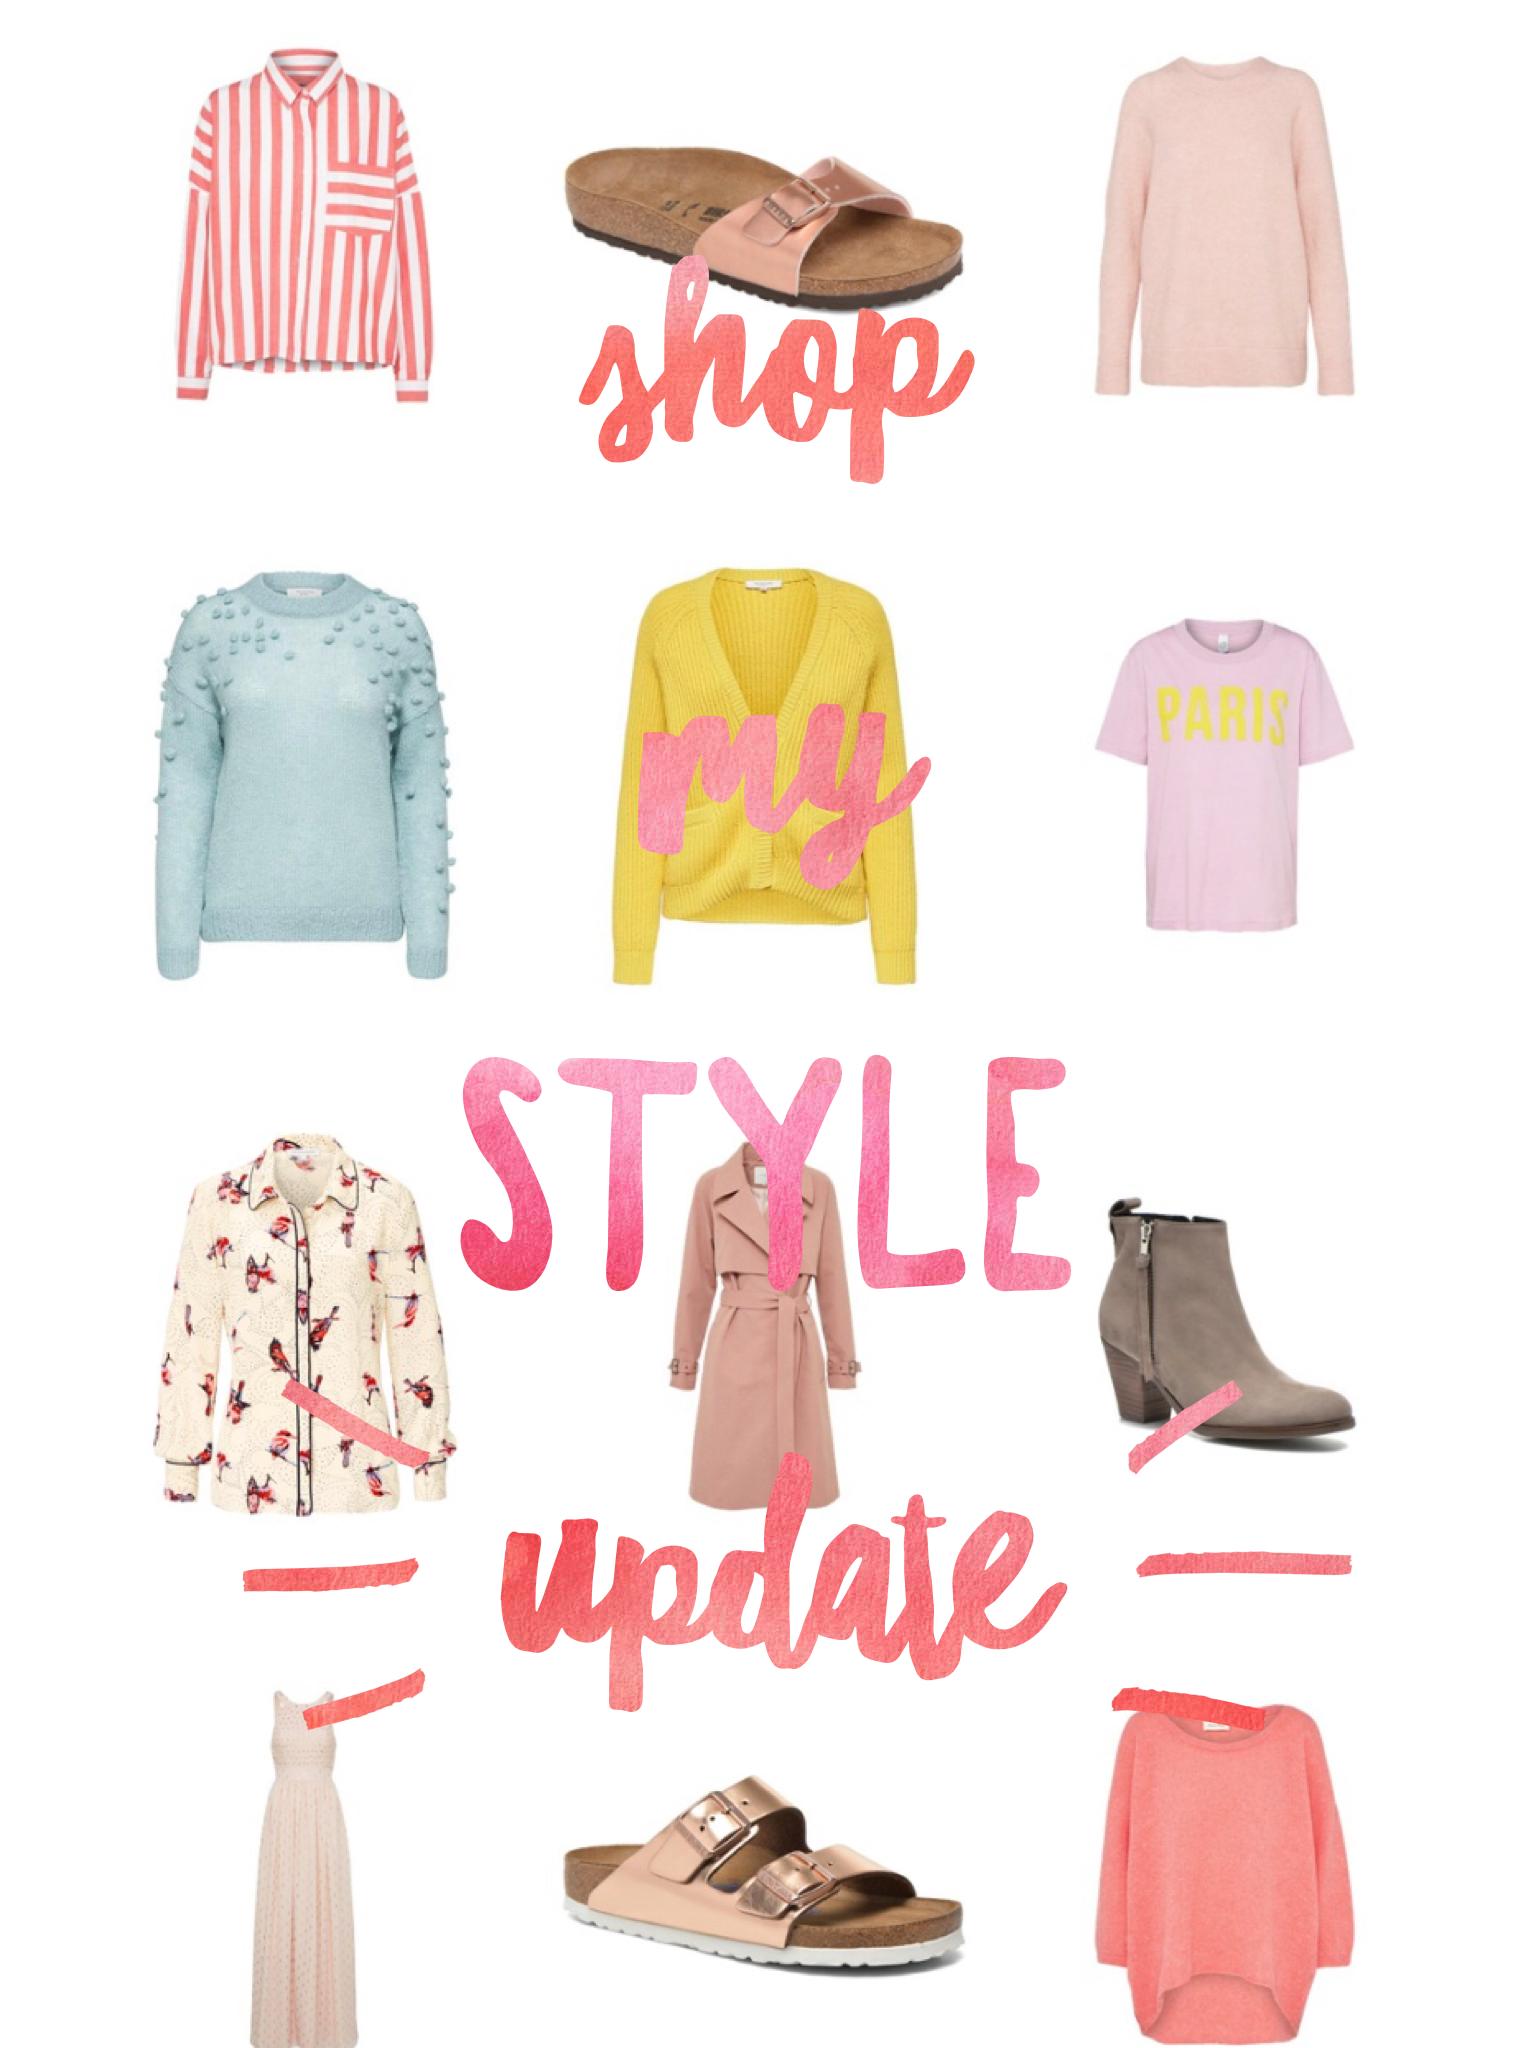 Shop my style - die schönsten Frühlingsteile im PinkepankStyle